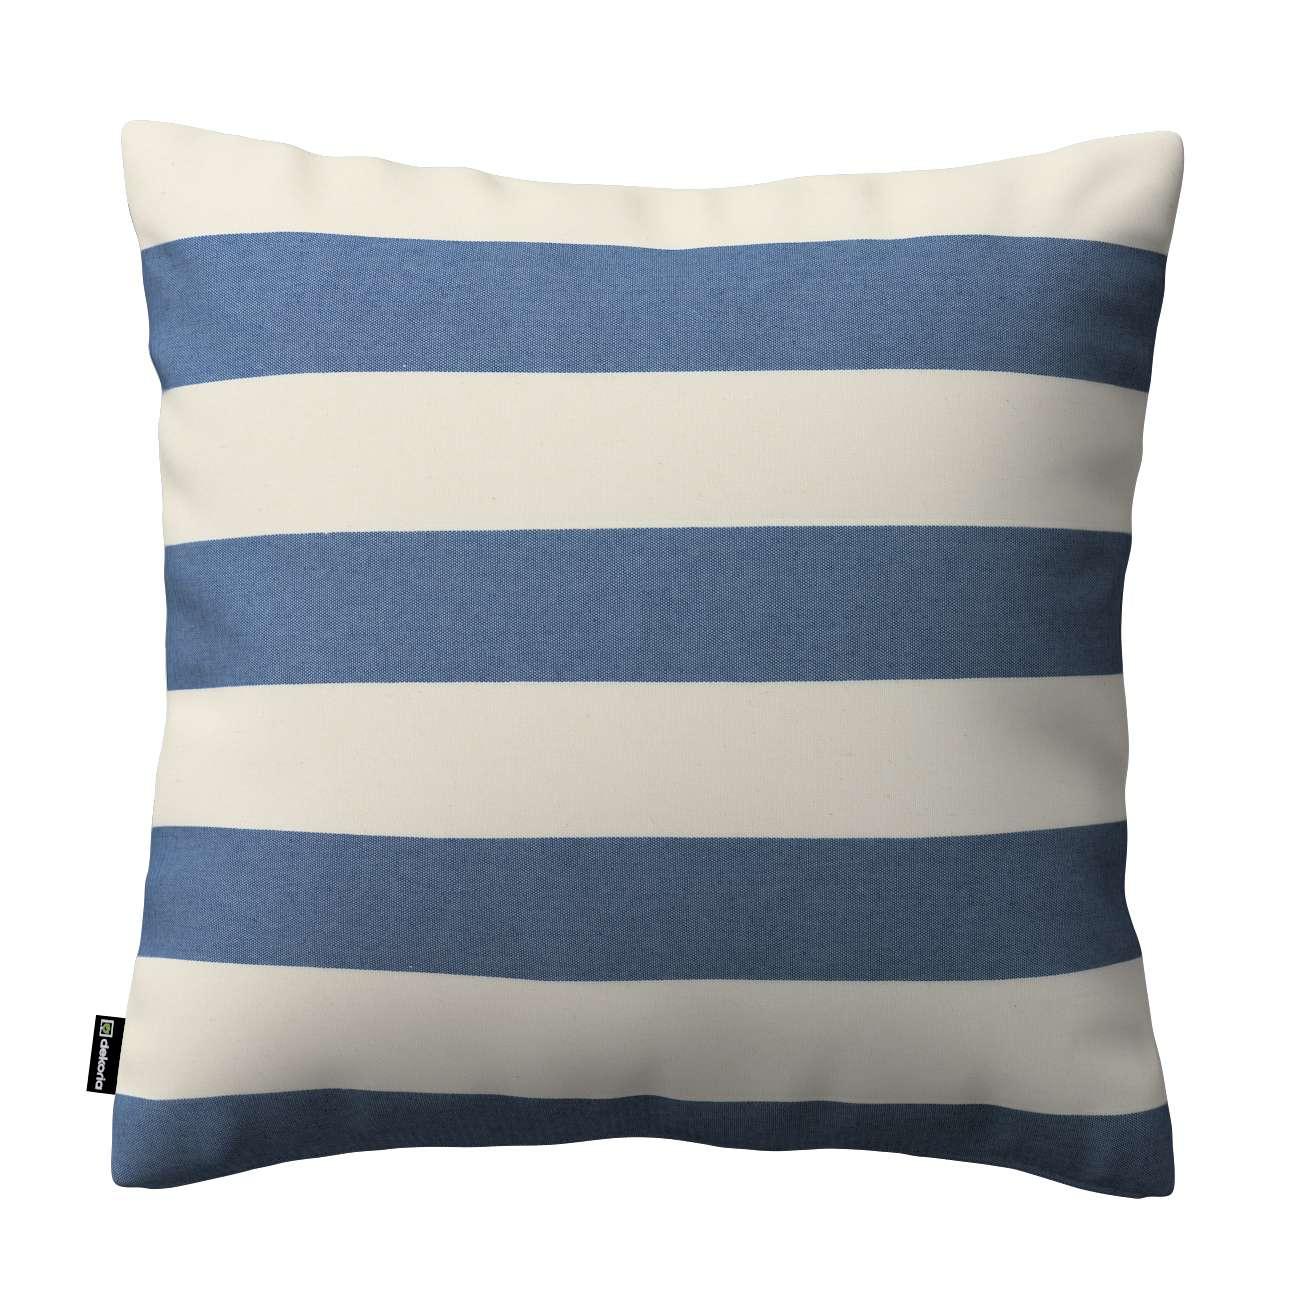 Poszewka Kinga na poduszkę w kolekcji Quadro, tkanina: 142-70